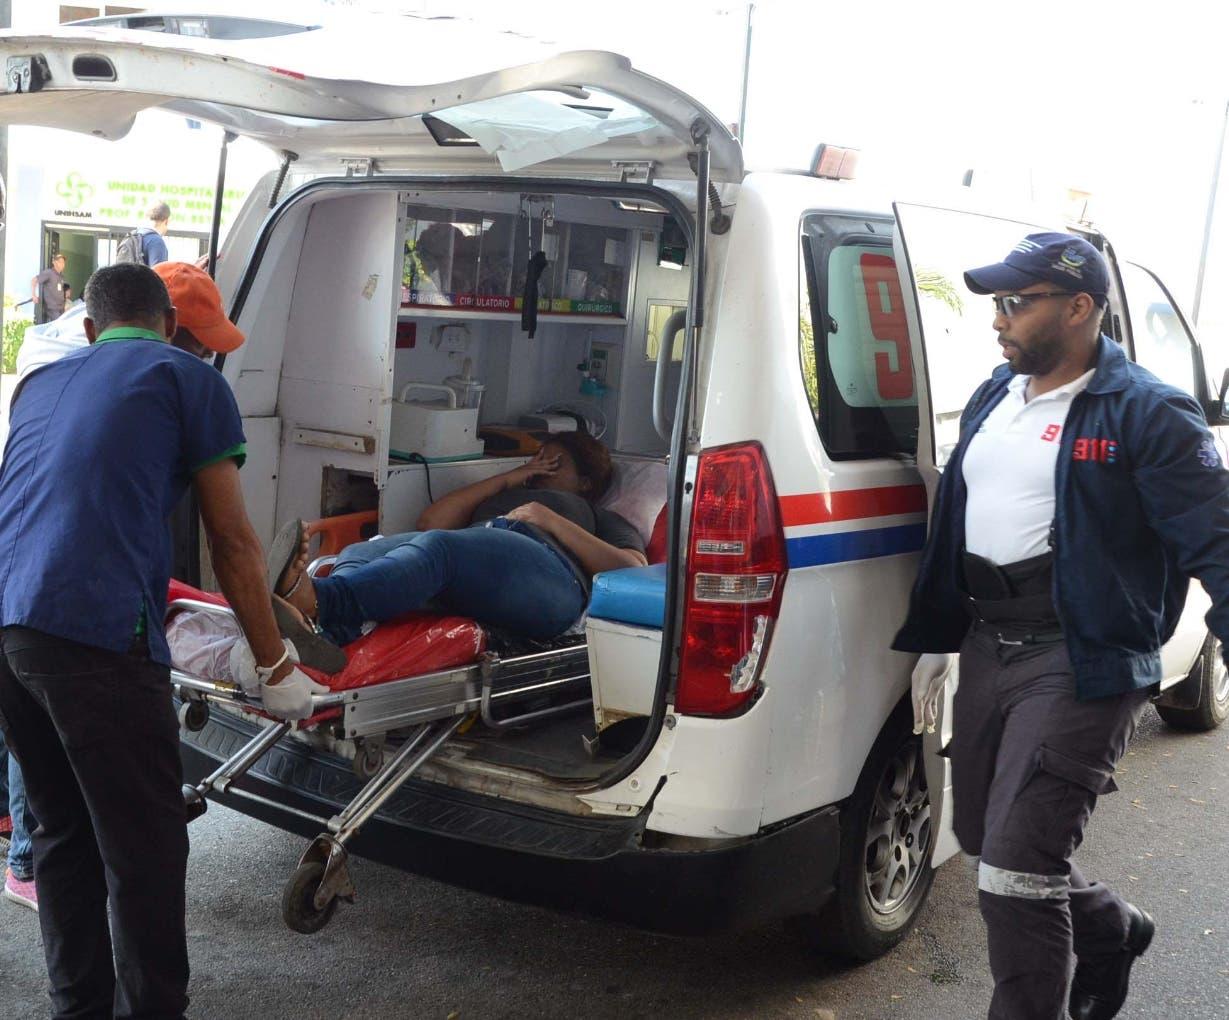 Las instituciones deben contar con  planes de emergencias y procedimientos.  José de León